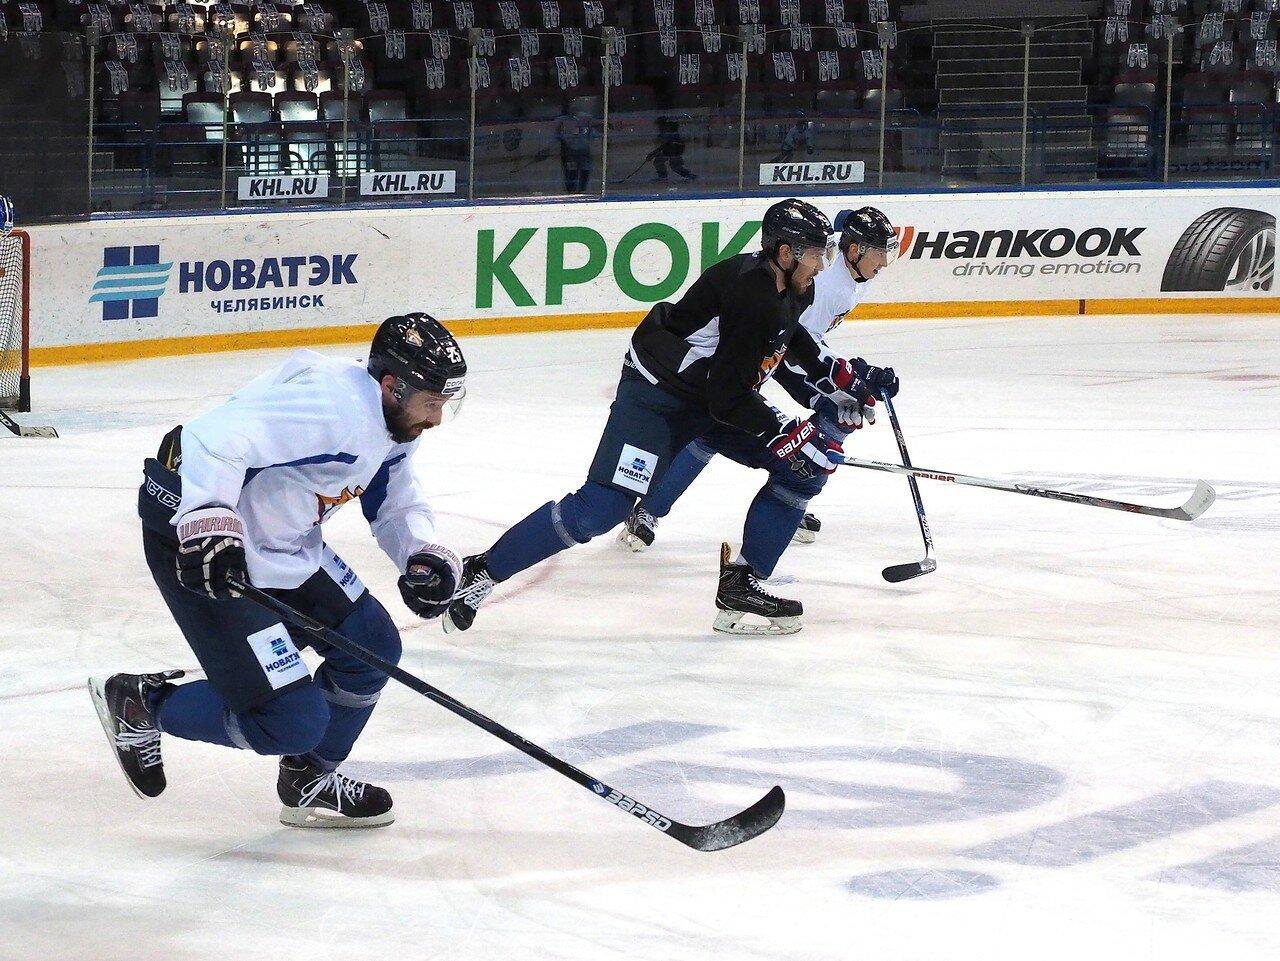 24 Открытая тренировка перед финалом плей-офф КХЛ 2017 06.04.2017